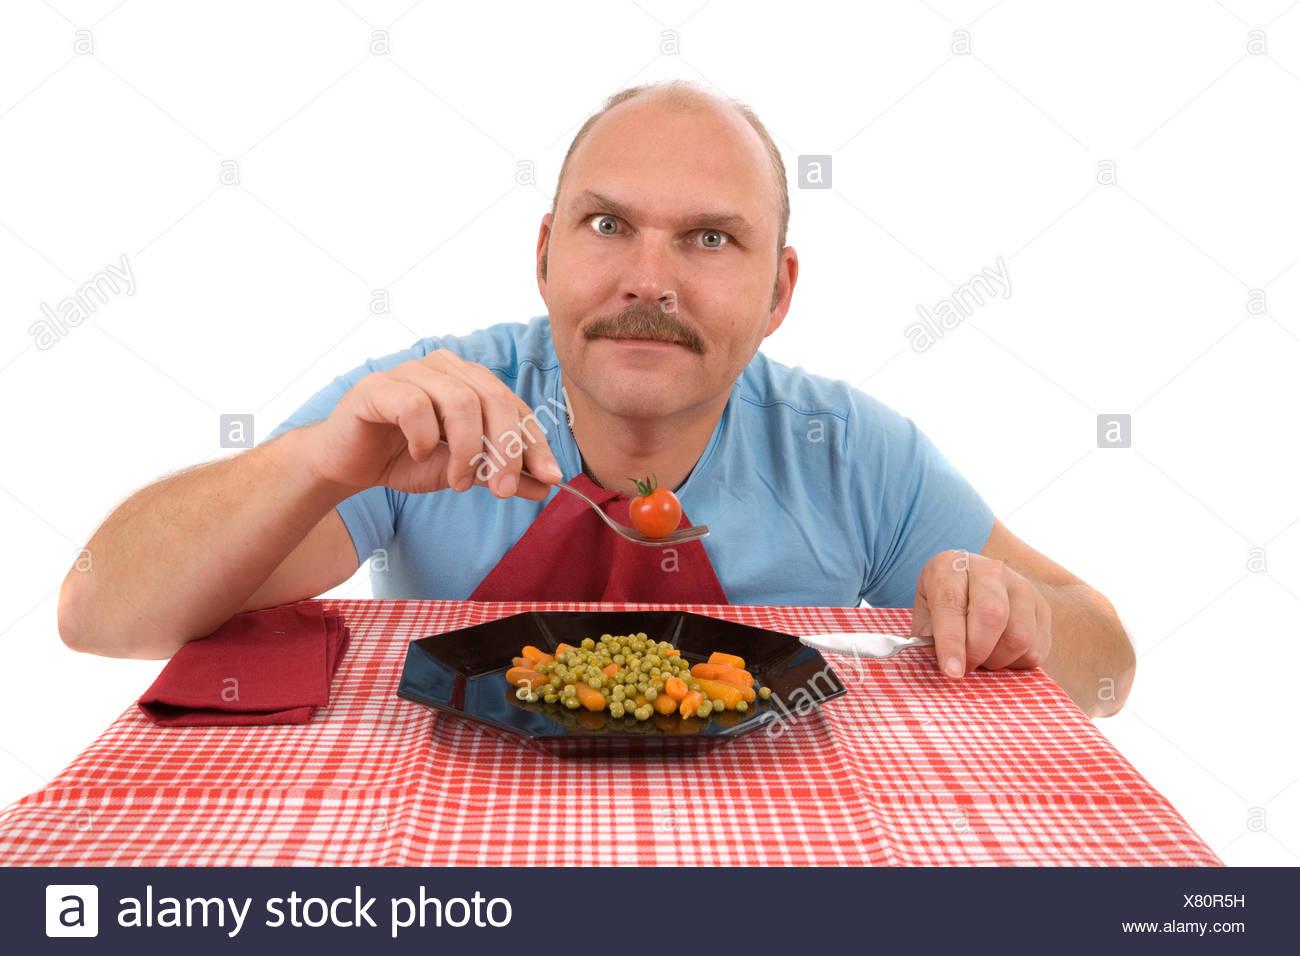 Obsédé par son régime alimentaire Photo Stock